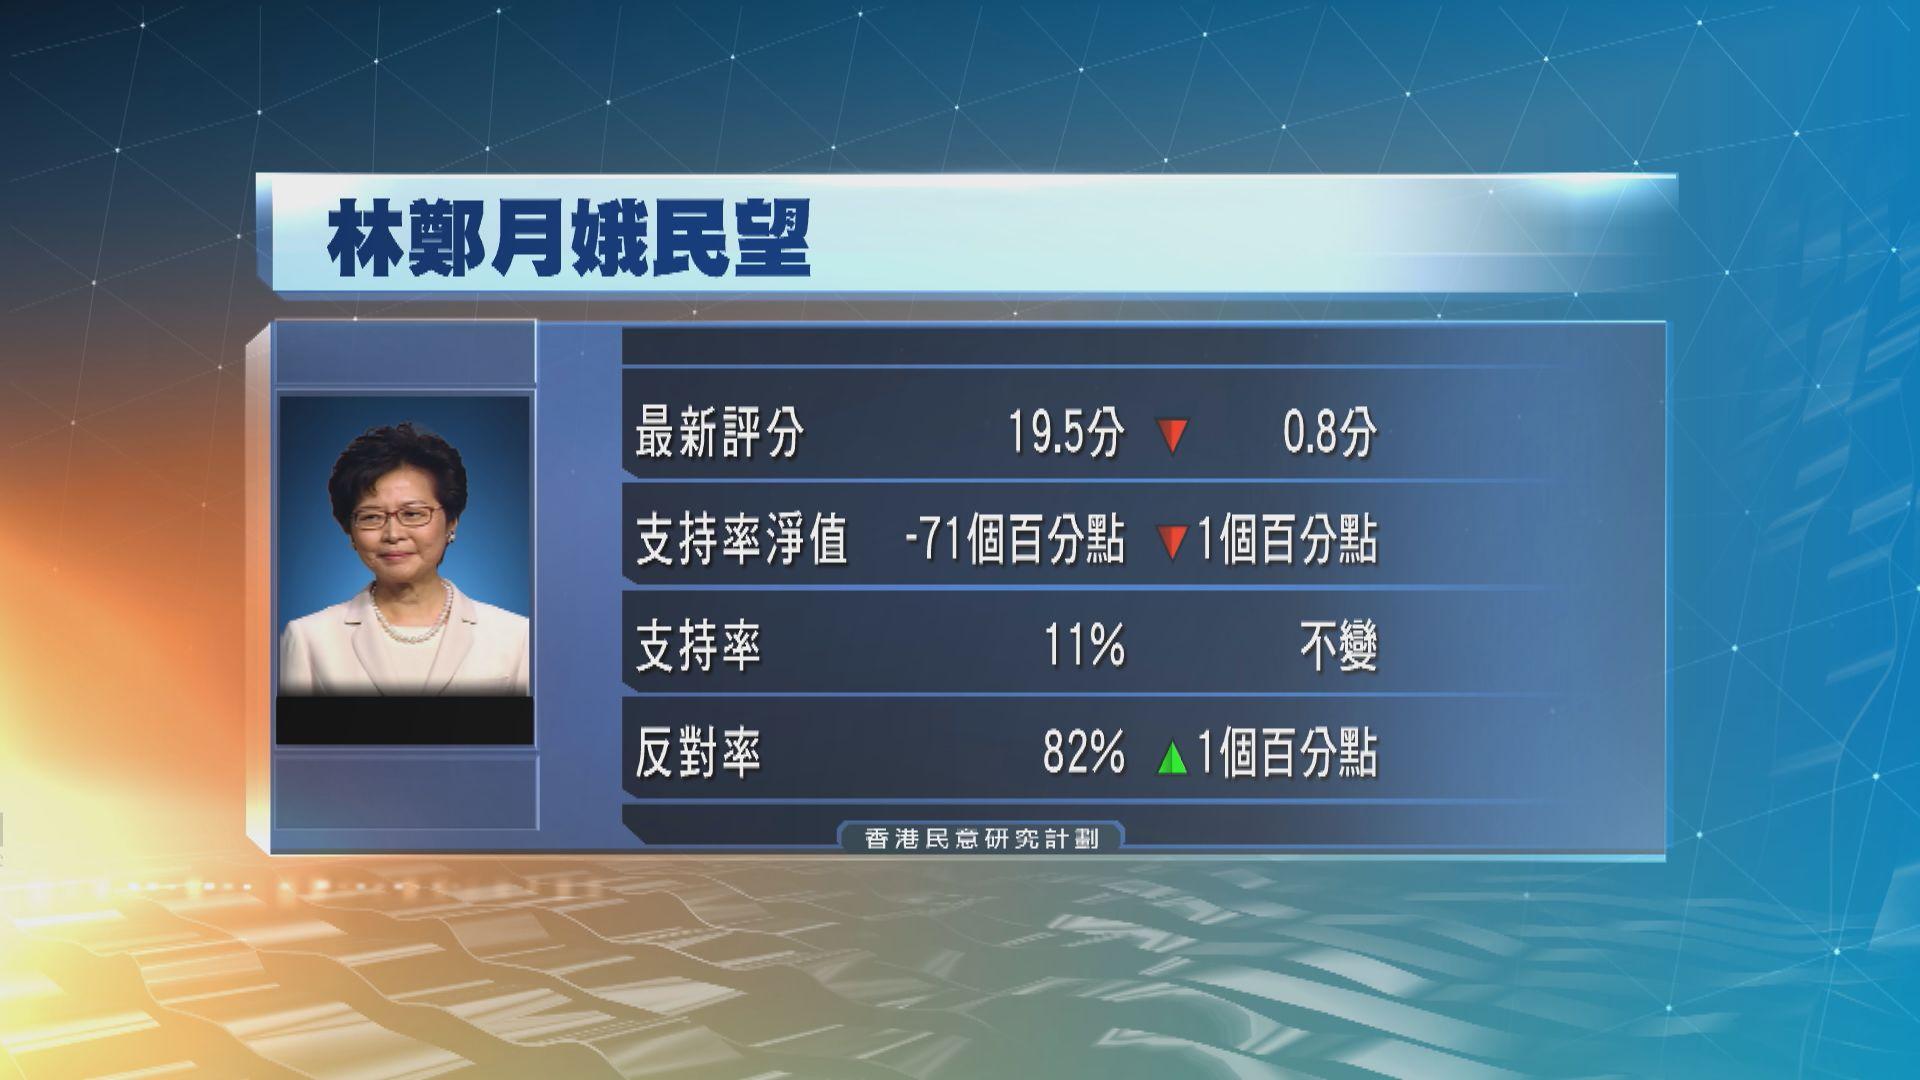 香港民研:林鄭月娥最新評分跌至19.5分